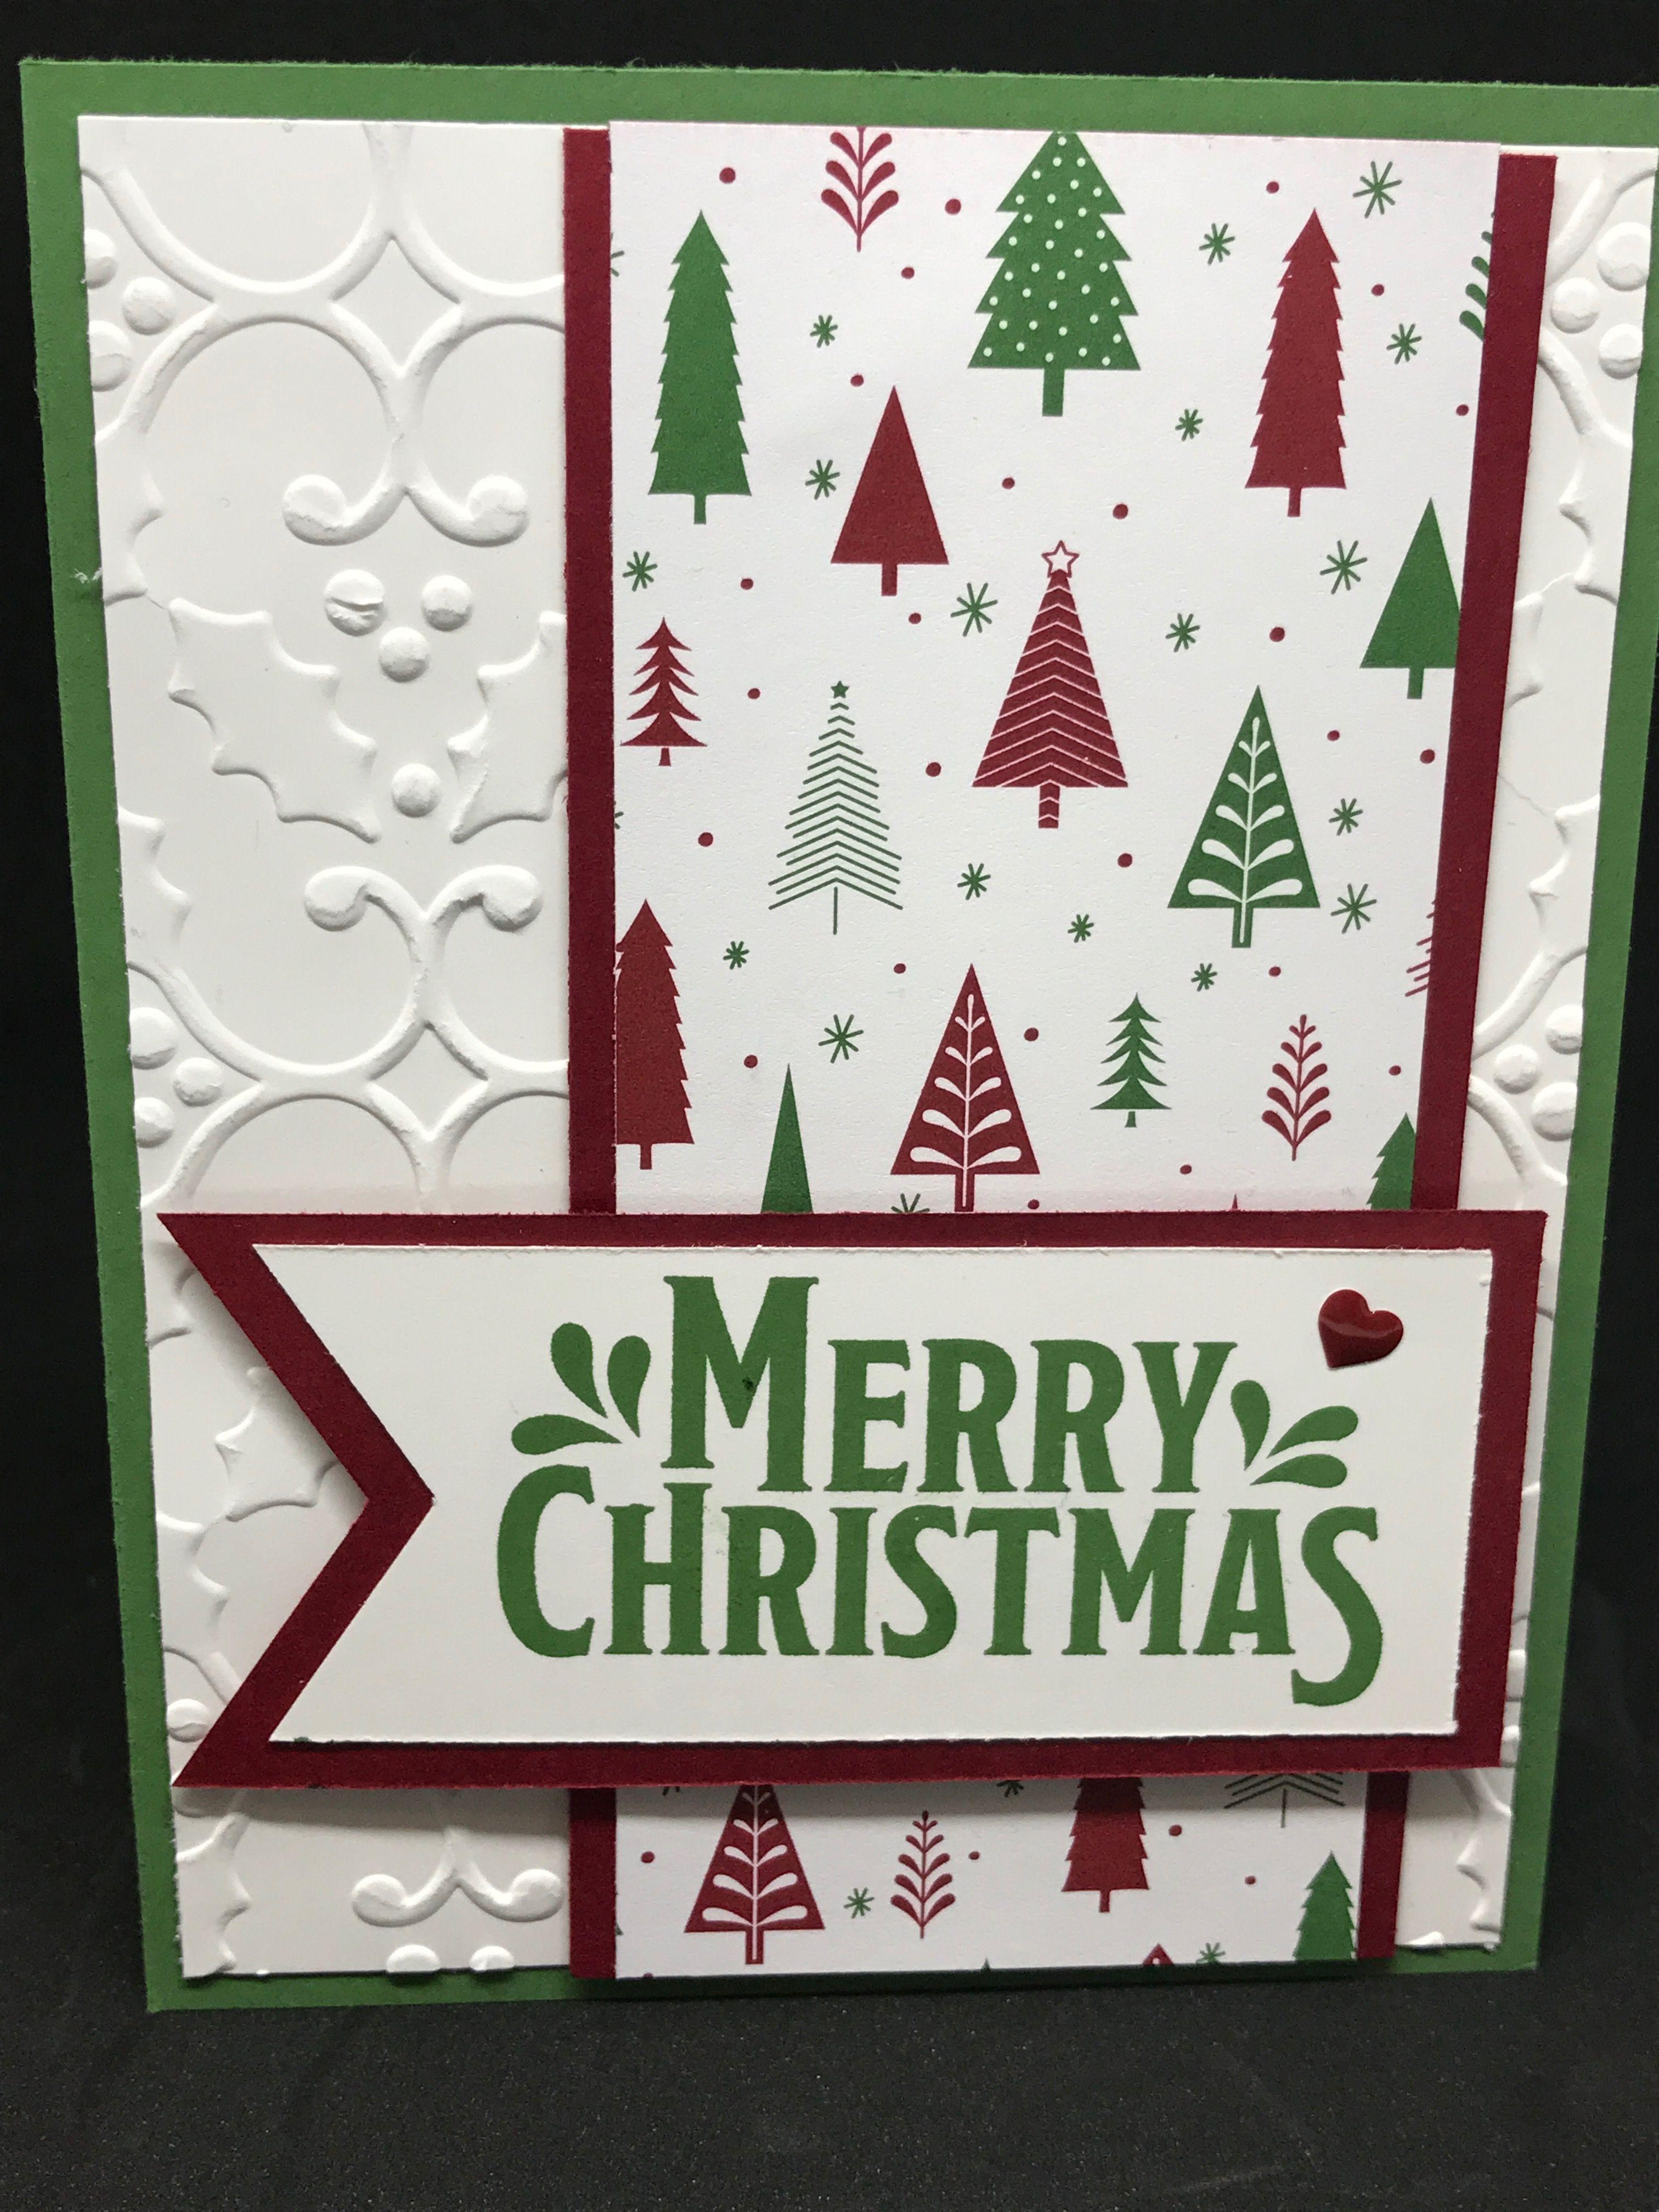 Pour toute la famille ornée de Noël Carte de vœux spécial Noël Cartes